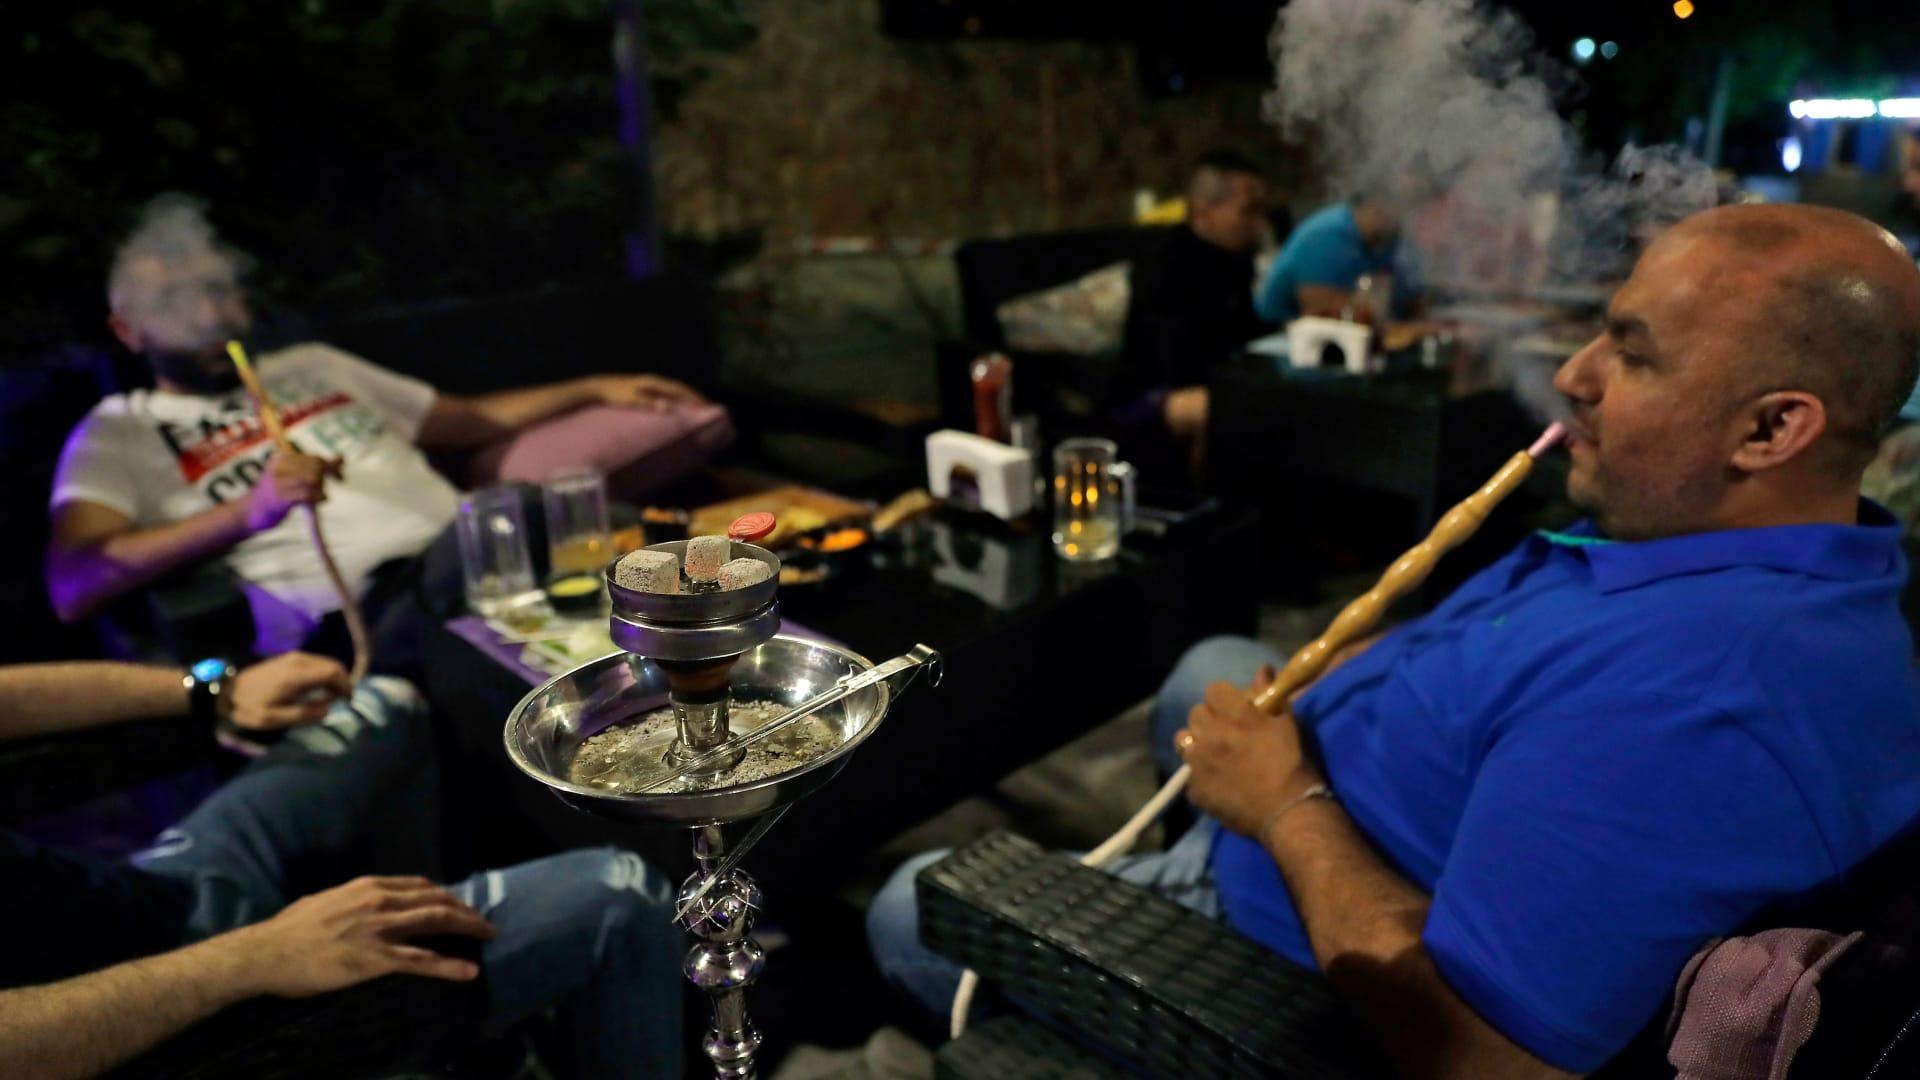 تدخينه لساعة يساوي تدخين 100 سيجارة..لماذا عليك ترك الشيشة؟